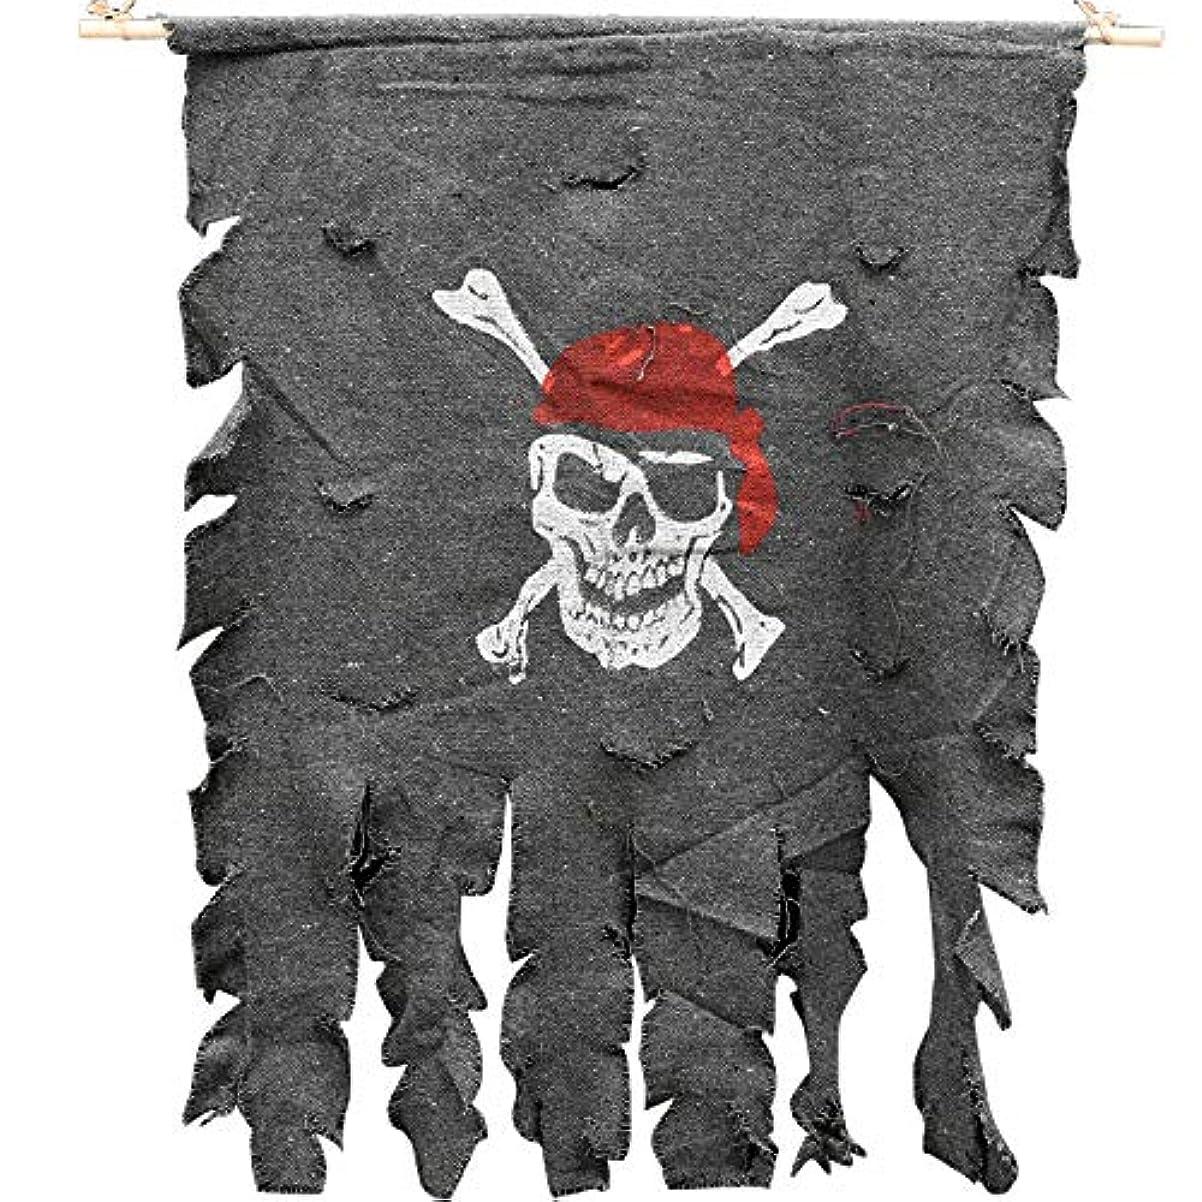 デマンド精査する湾ETRRUU HOME ハロウィンジョリーロジャー大パーティーデコレーションKTV旗バナーぶら下げ旗アレンジメントの小道具